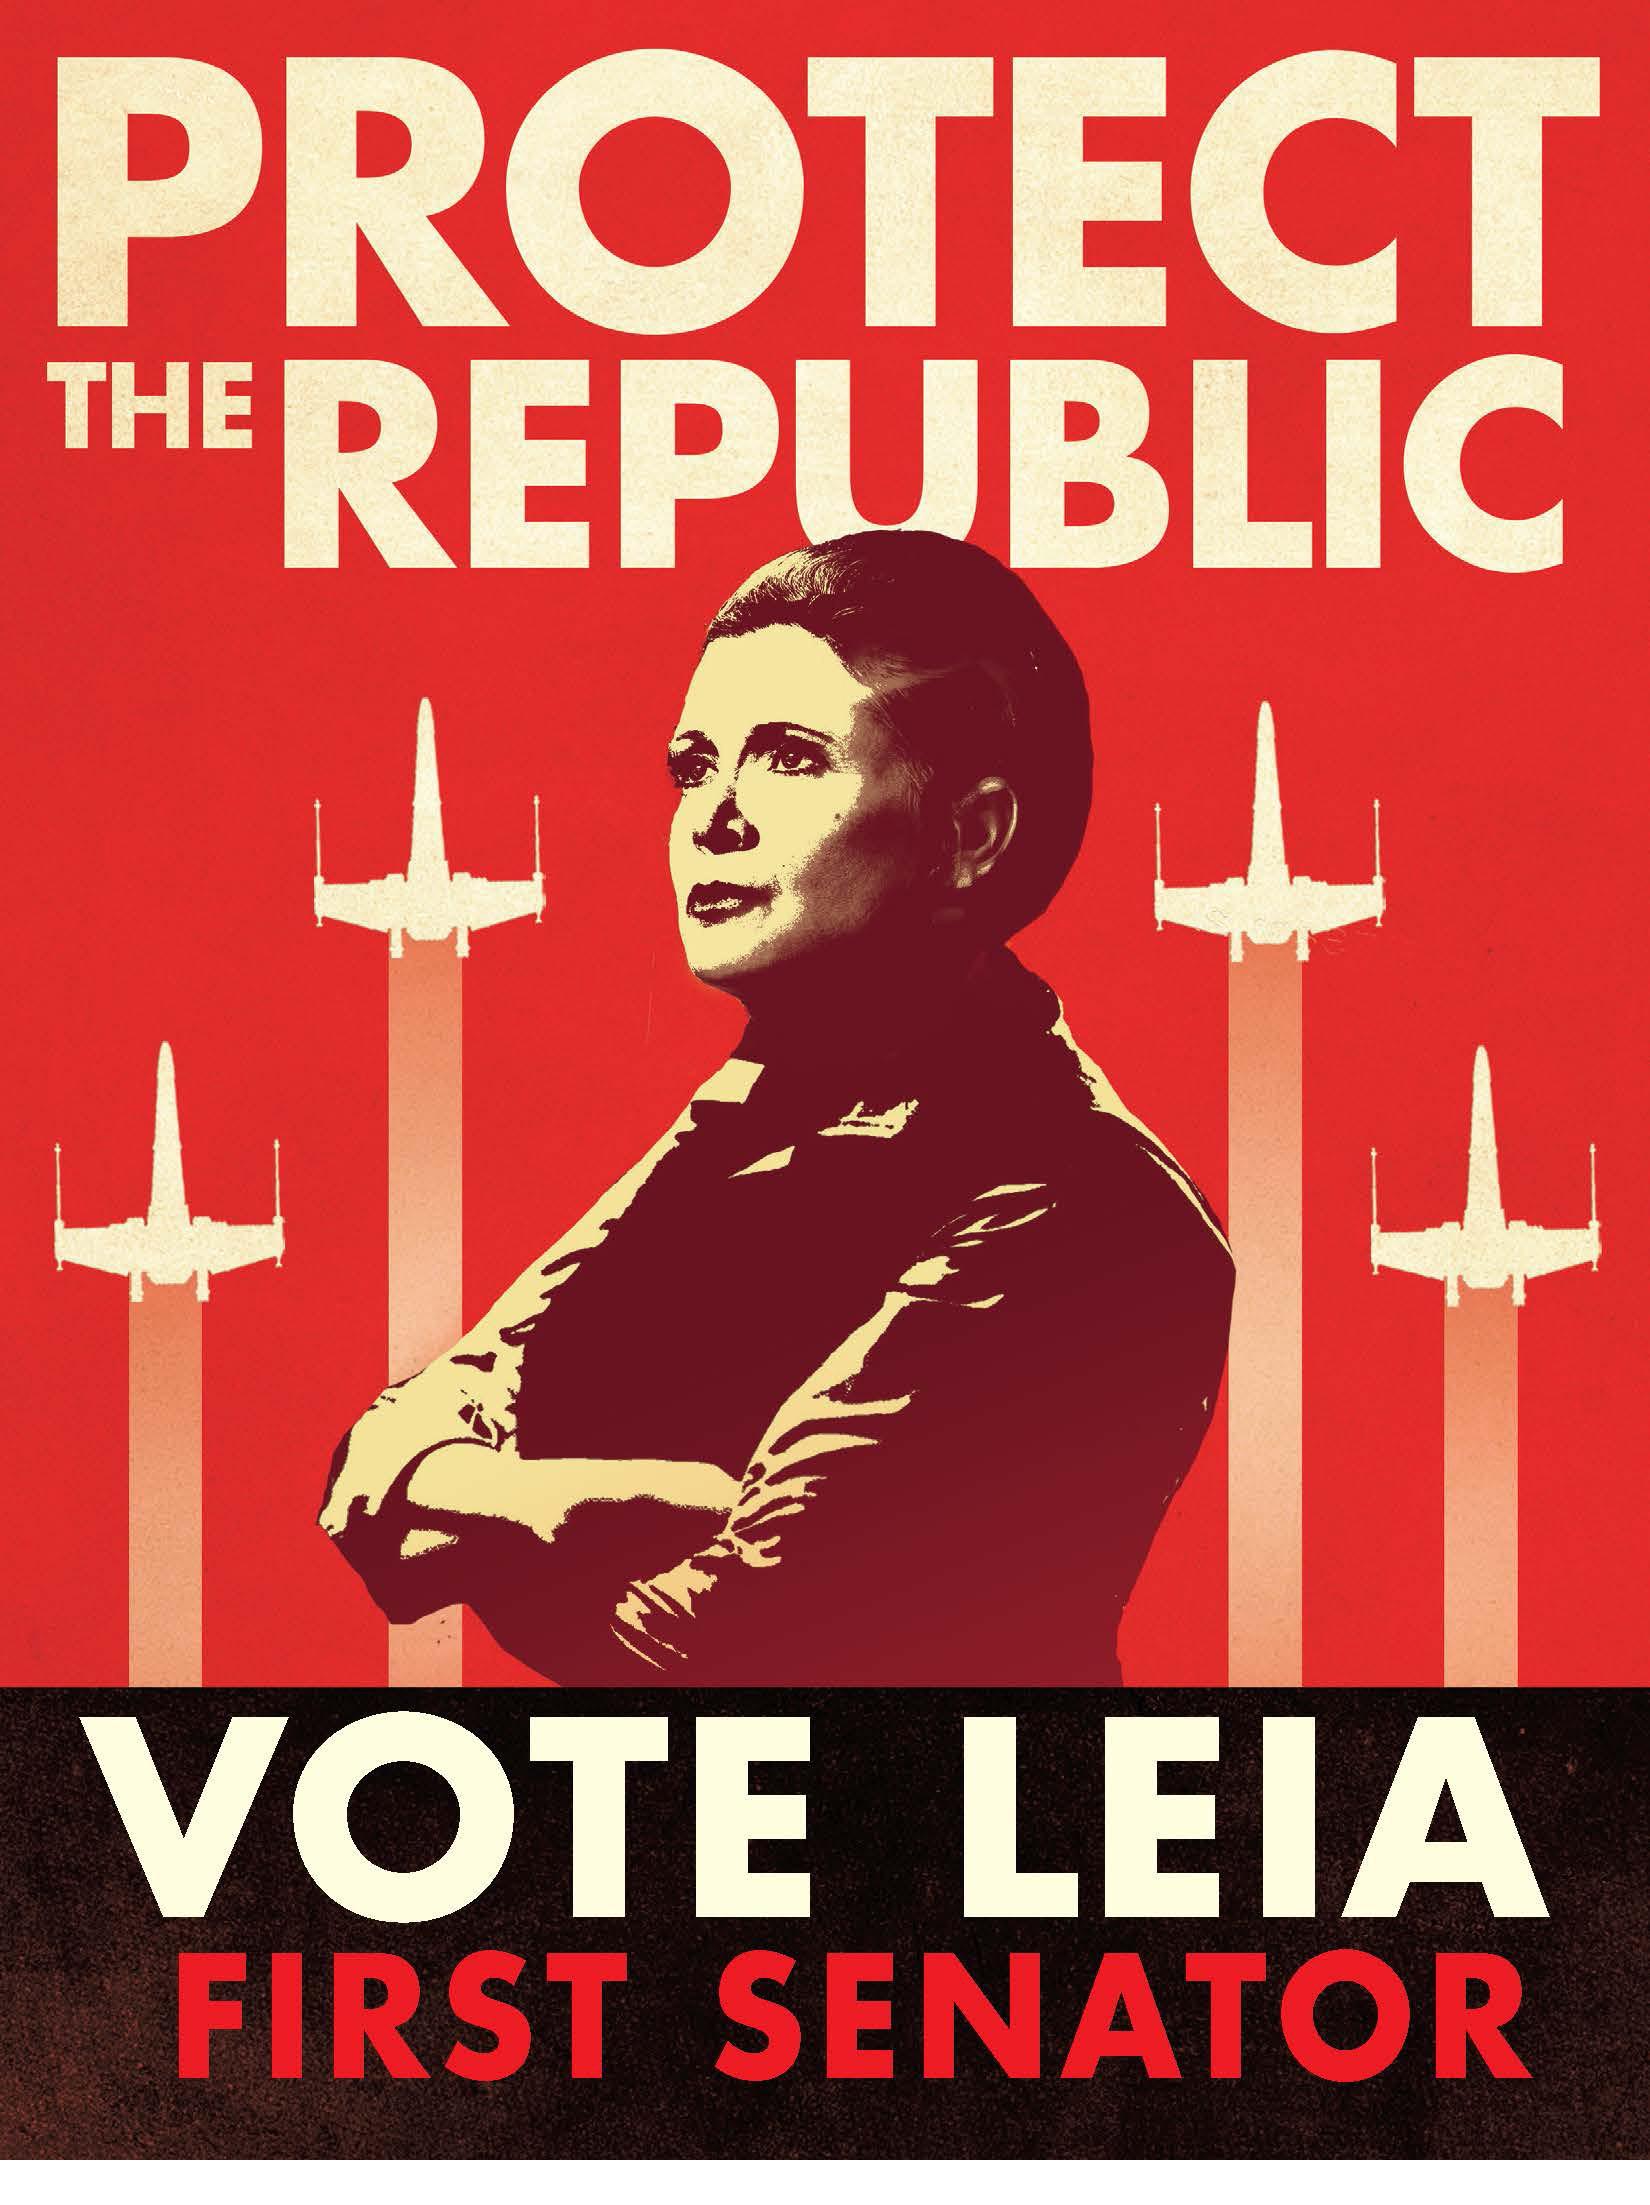 Propaganda Wallpaper Posted By Samantha Anderson